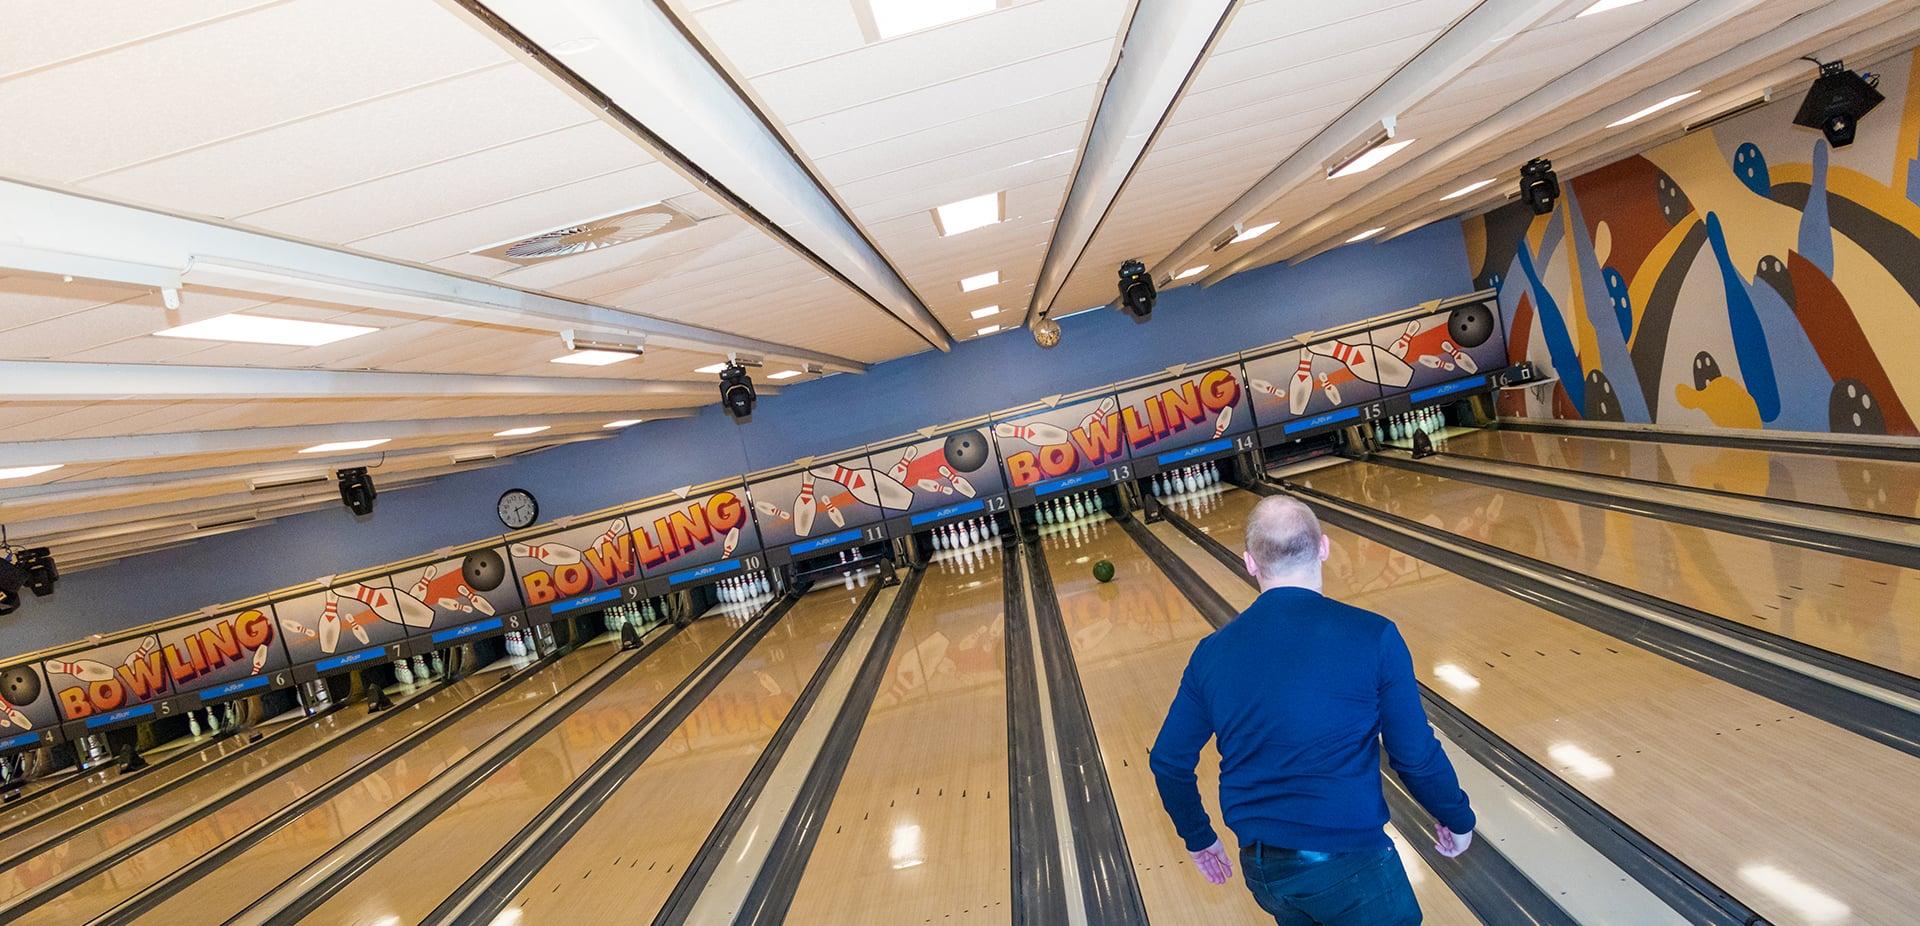 bowlingcenter odense